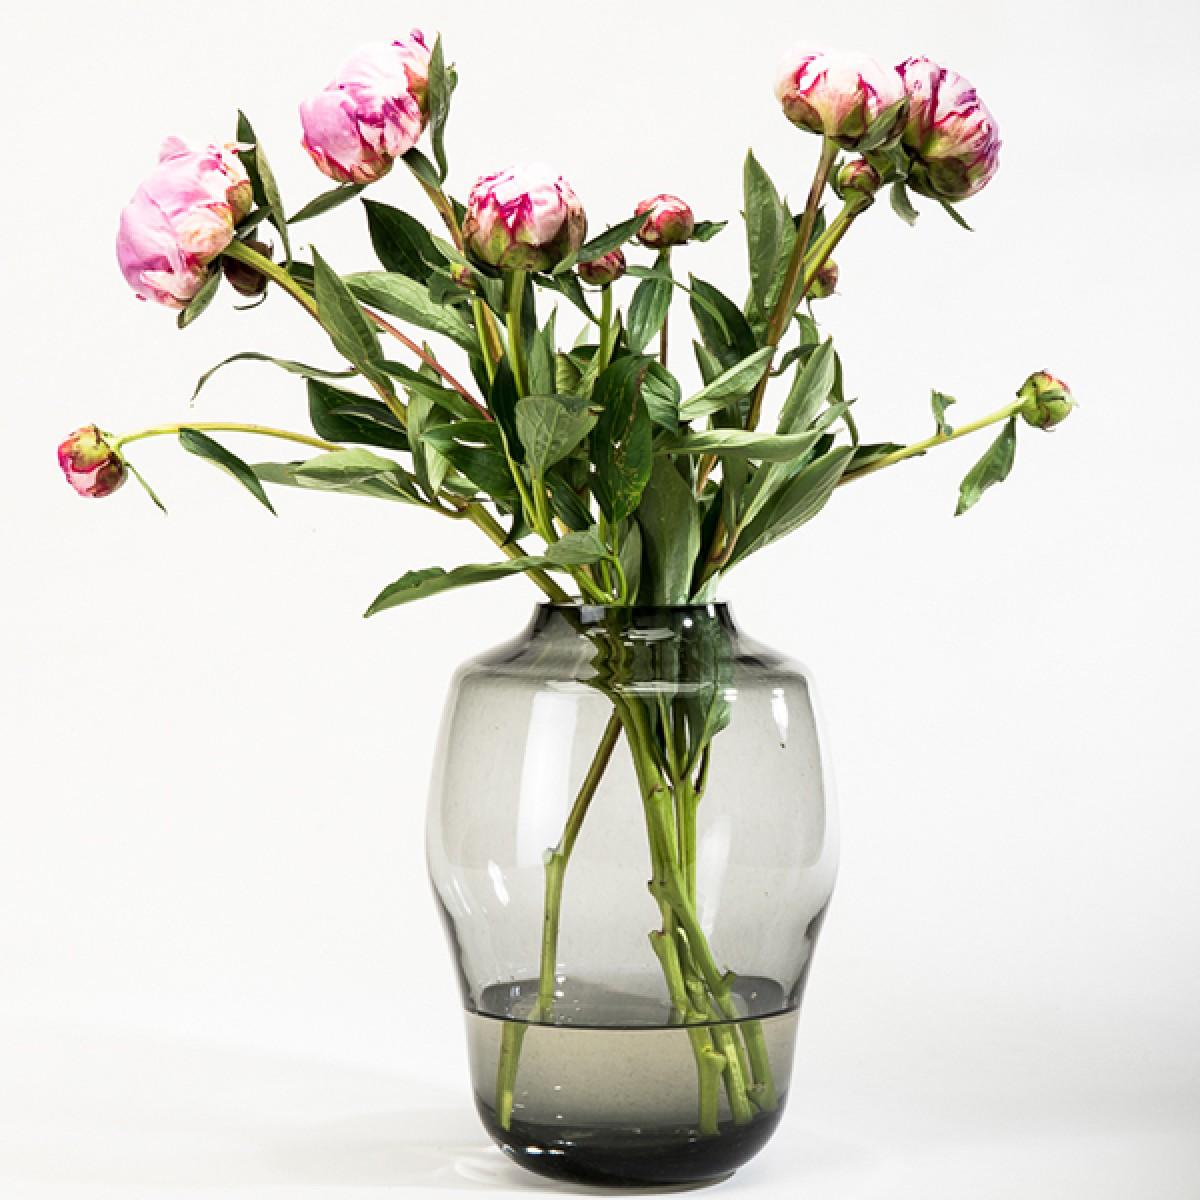 """Rauchglas-Vase """"Blossom"""" - studio.drei"""